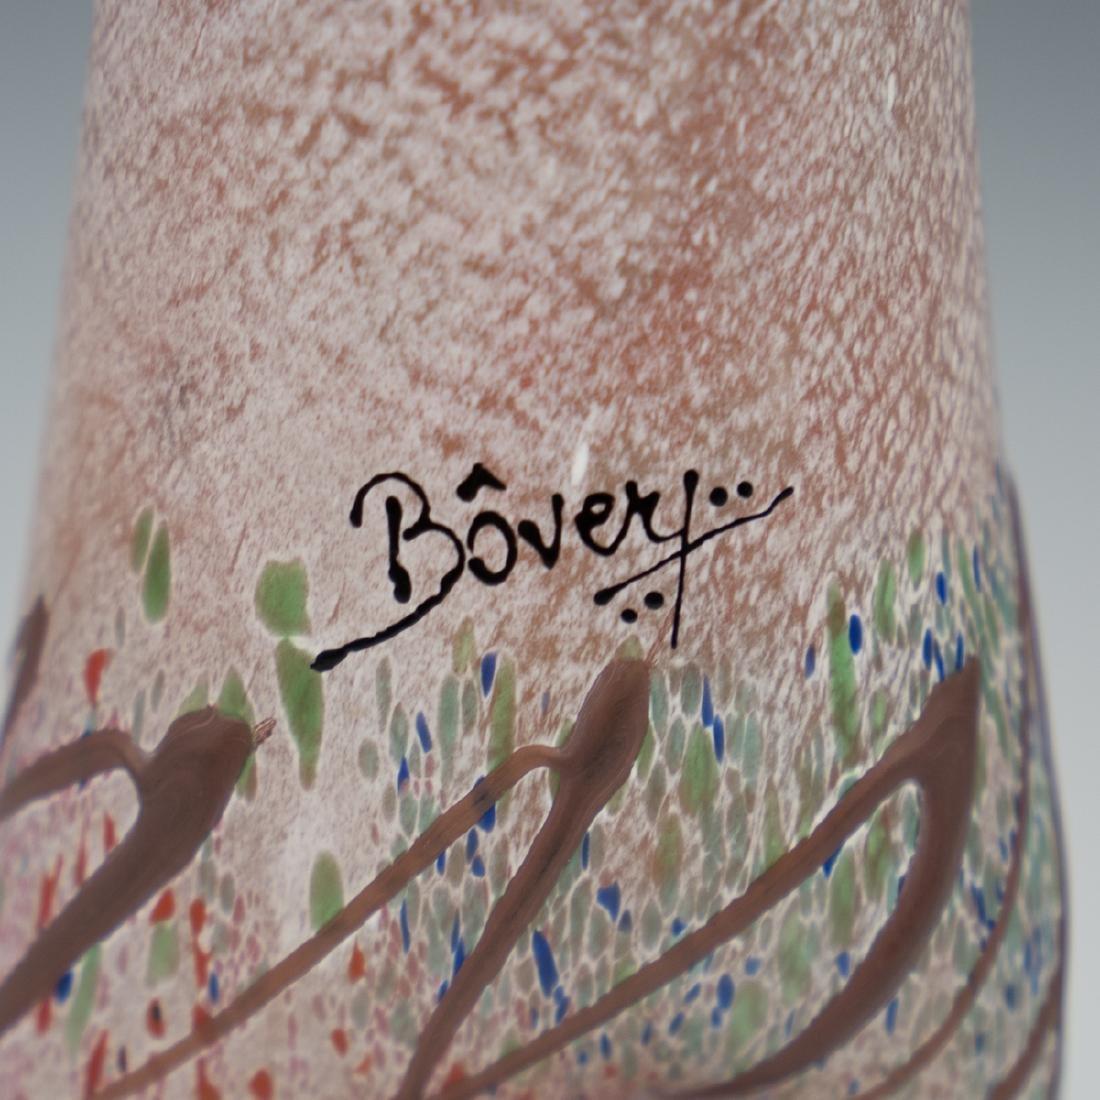 Bovery Art Glass Vase - 3